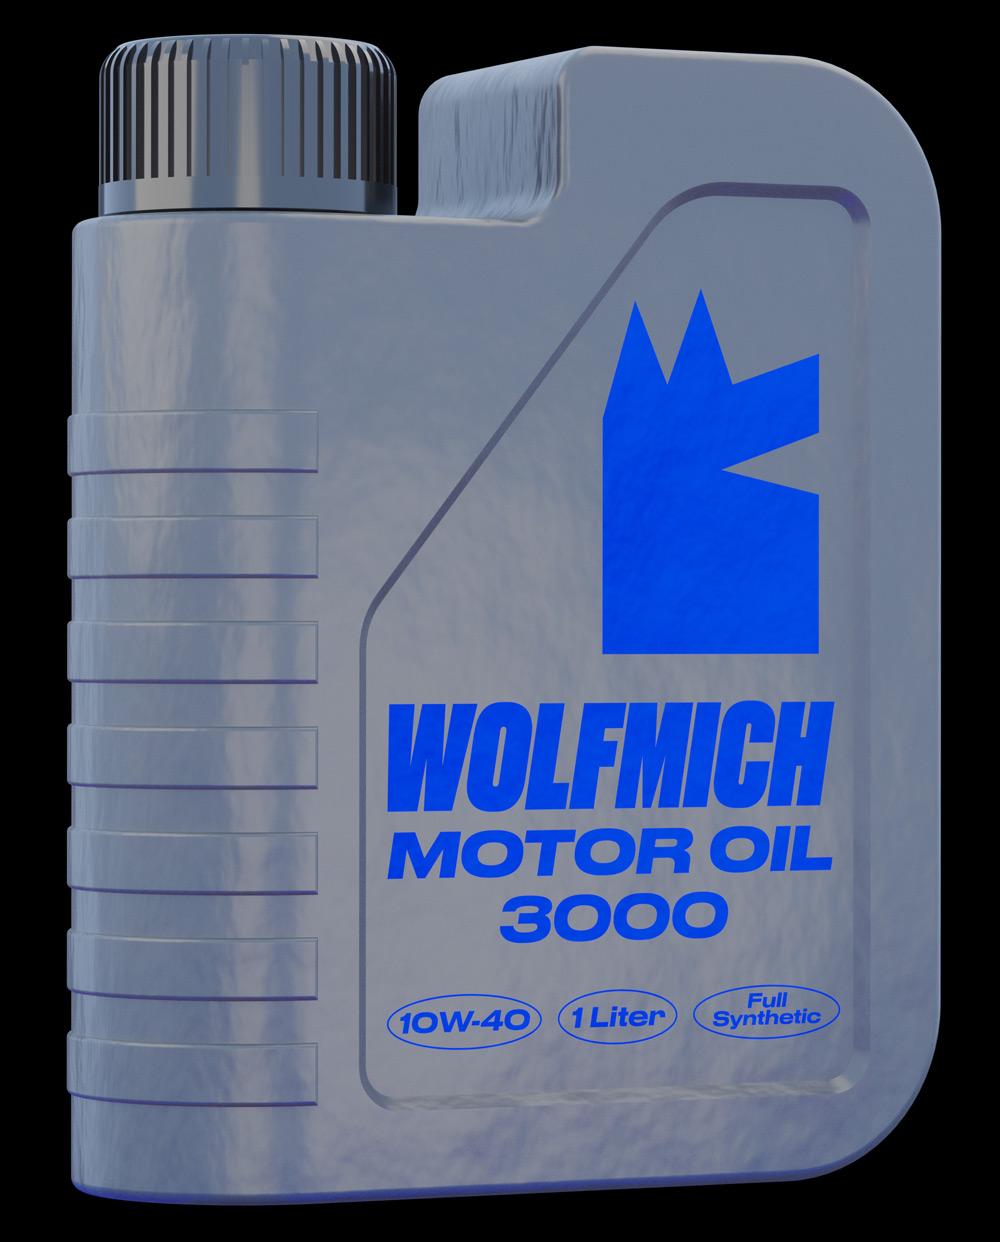 Tobias-Raschbacher-Wolfmich-Motoroil